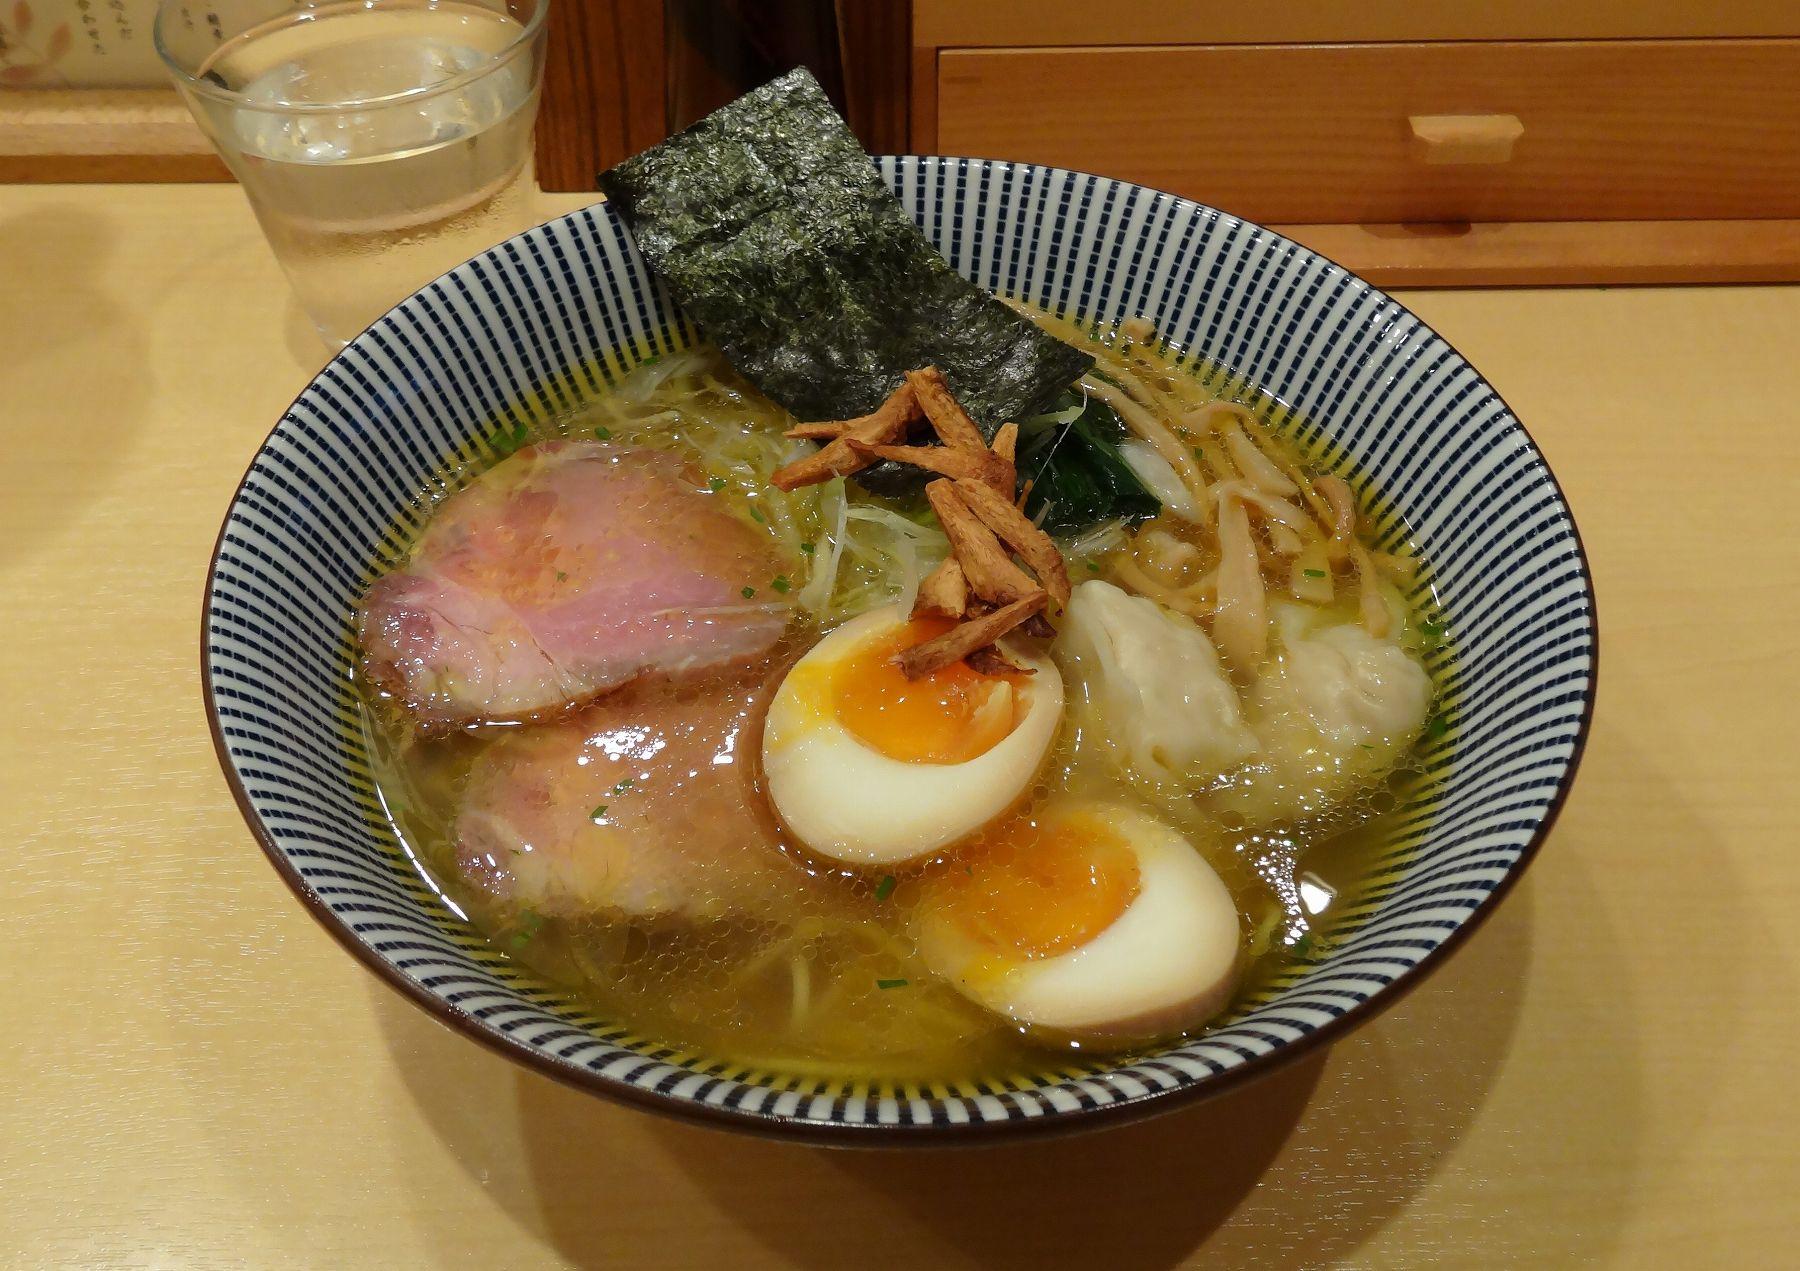 20121031001kuroki.jpg